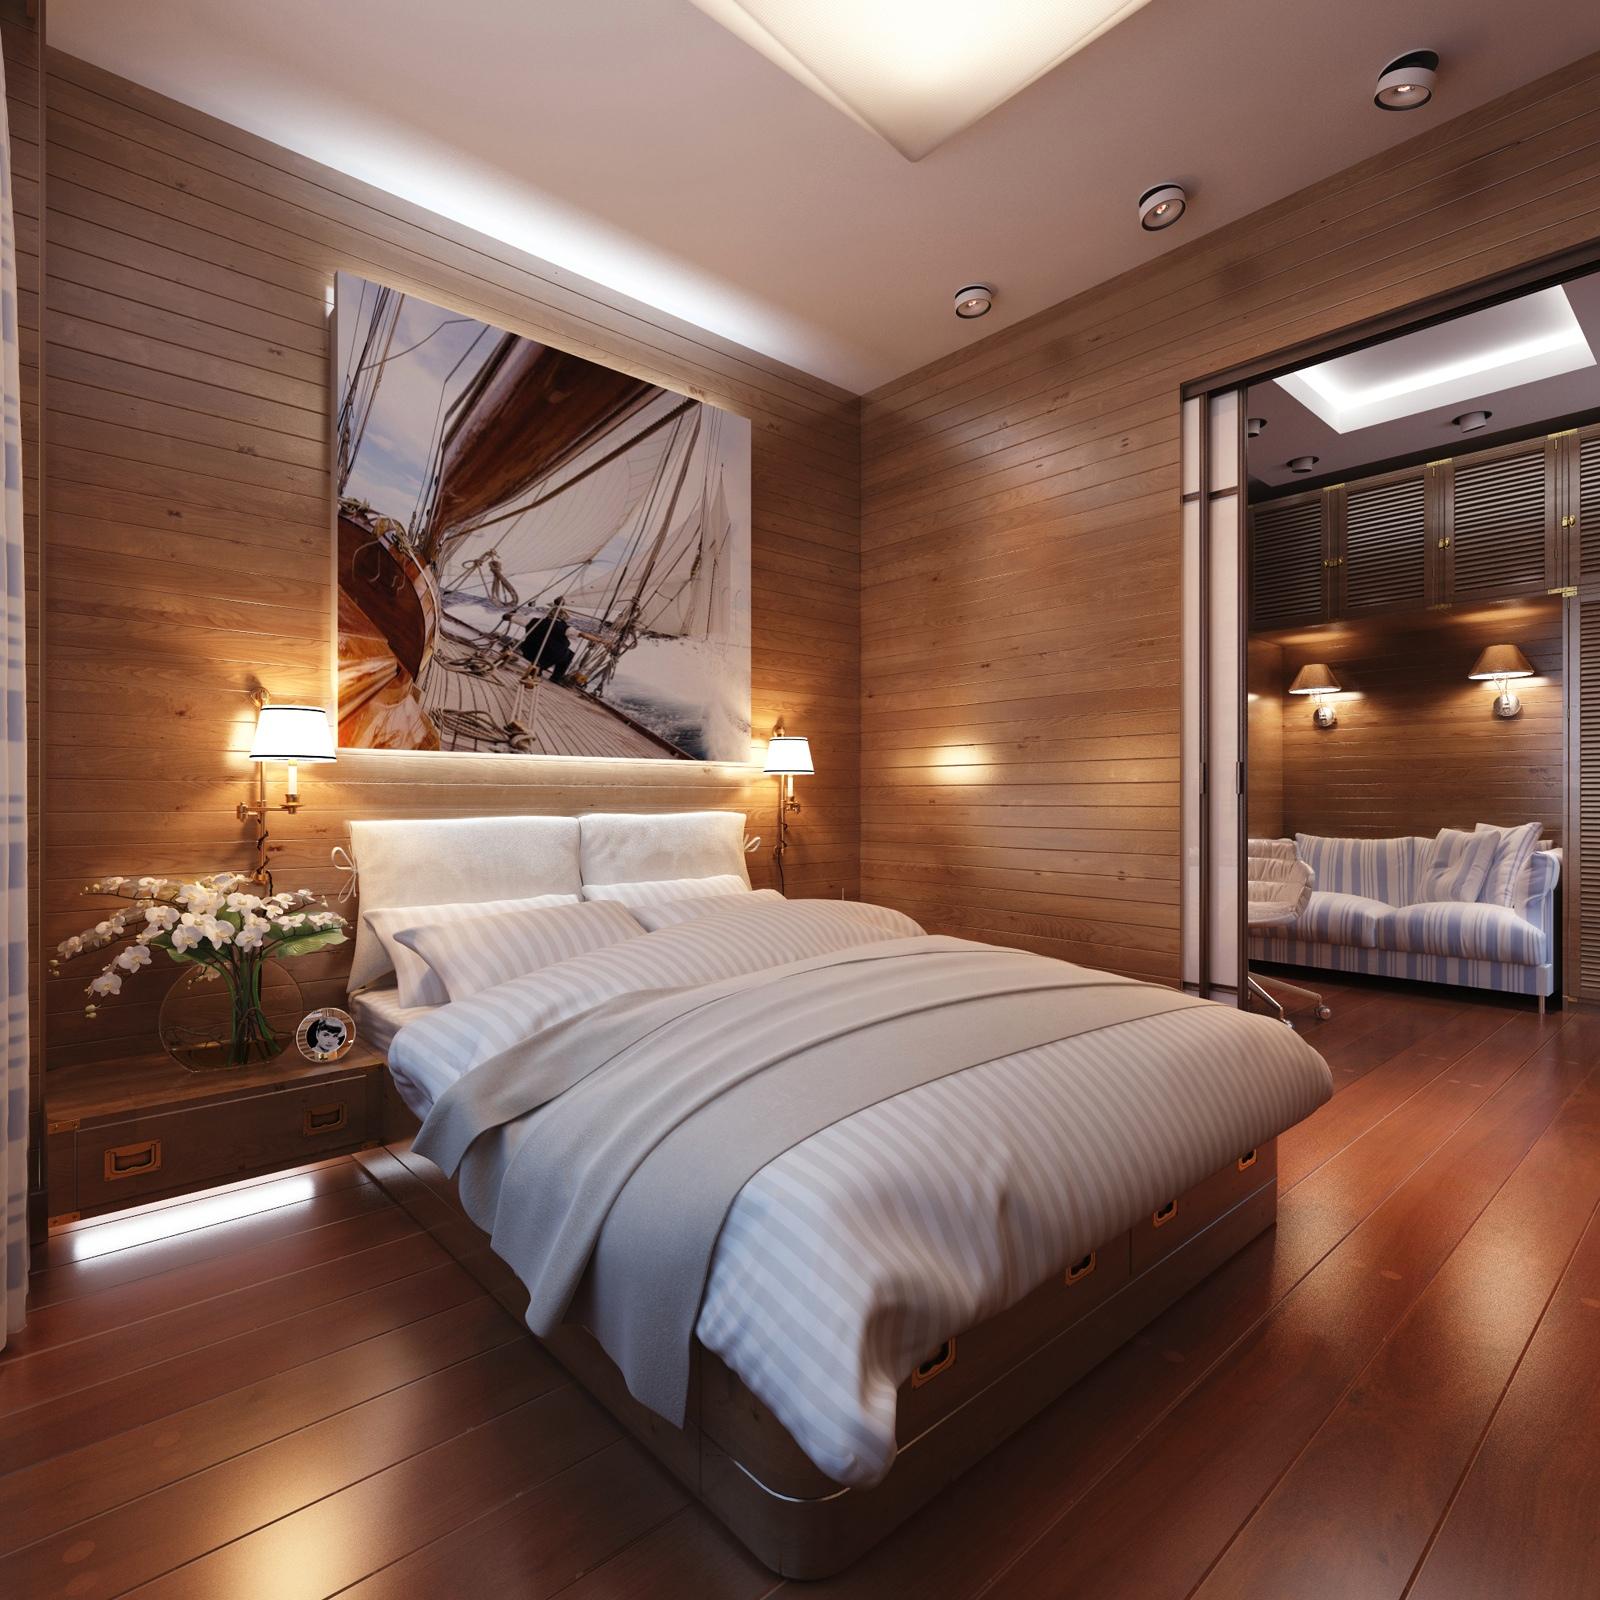 Как сделать спальню уютной своими руками фото 901